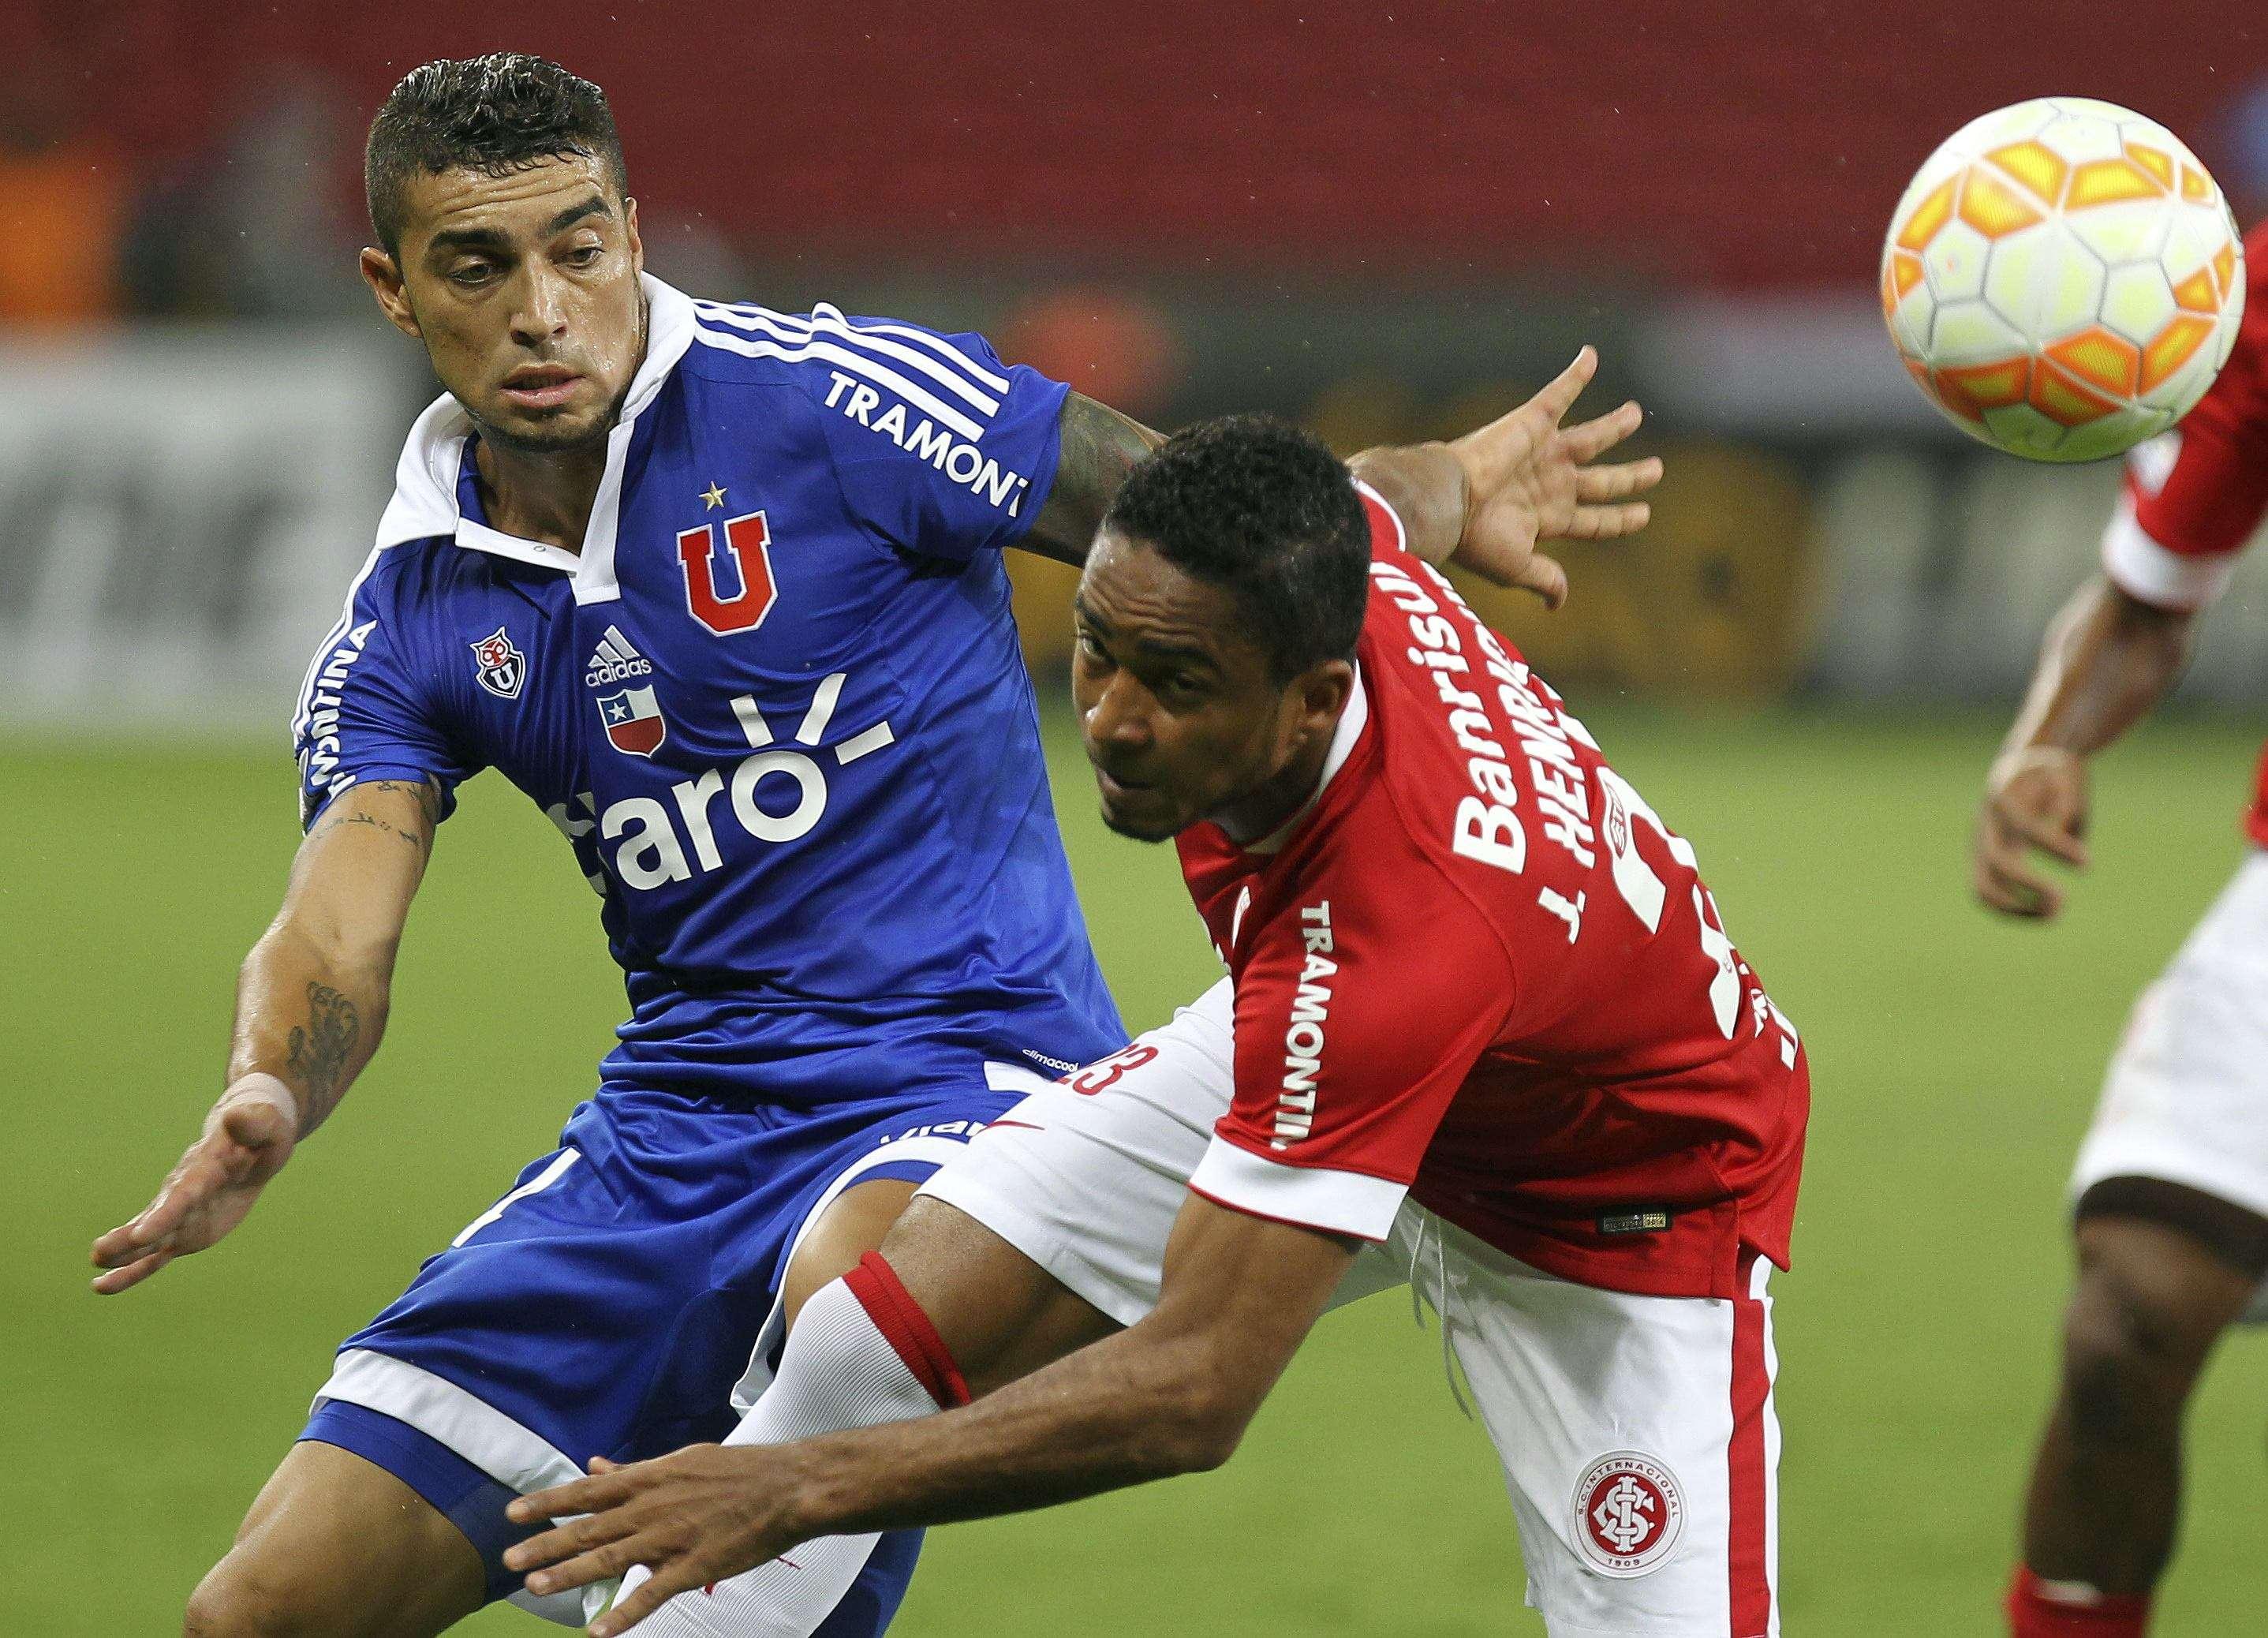 Se juega en el Beira Rio. Foto: Reuters en español